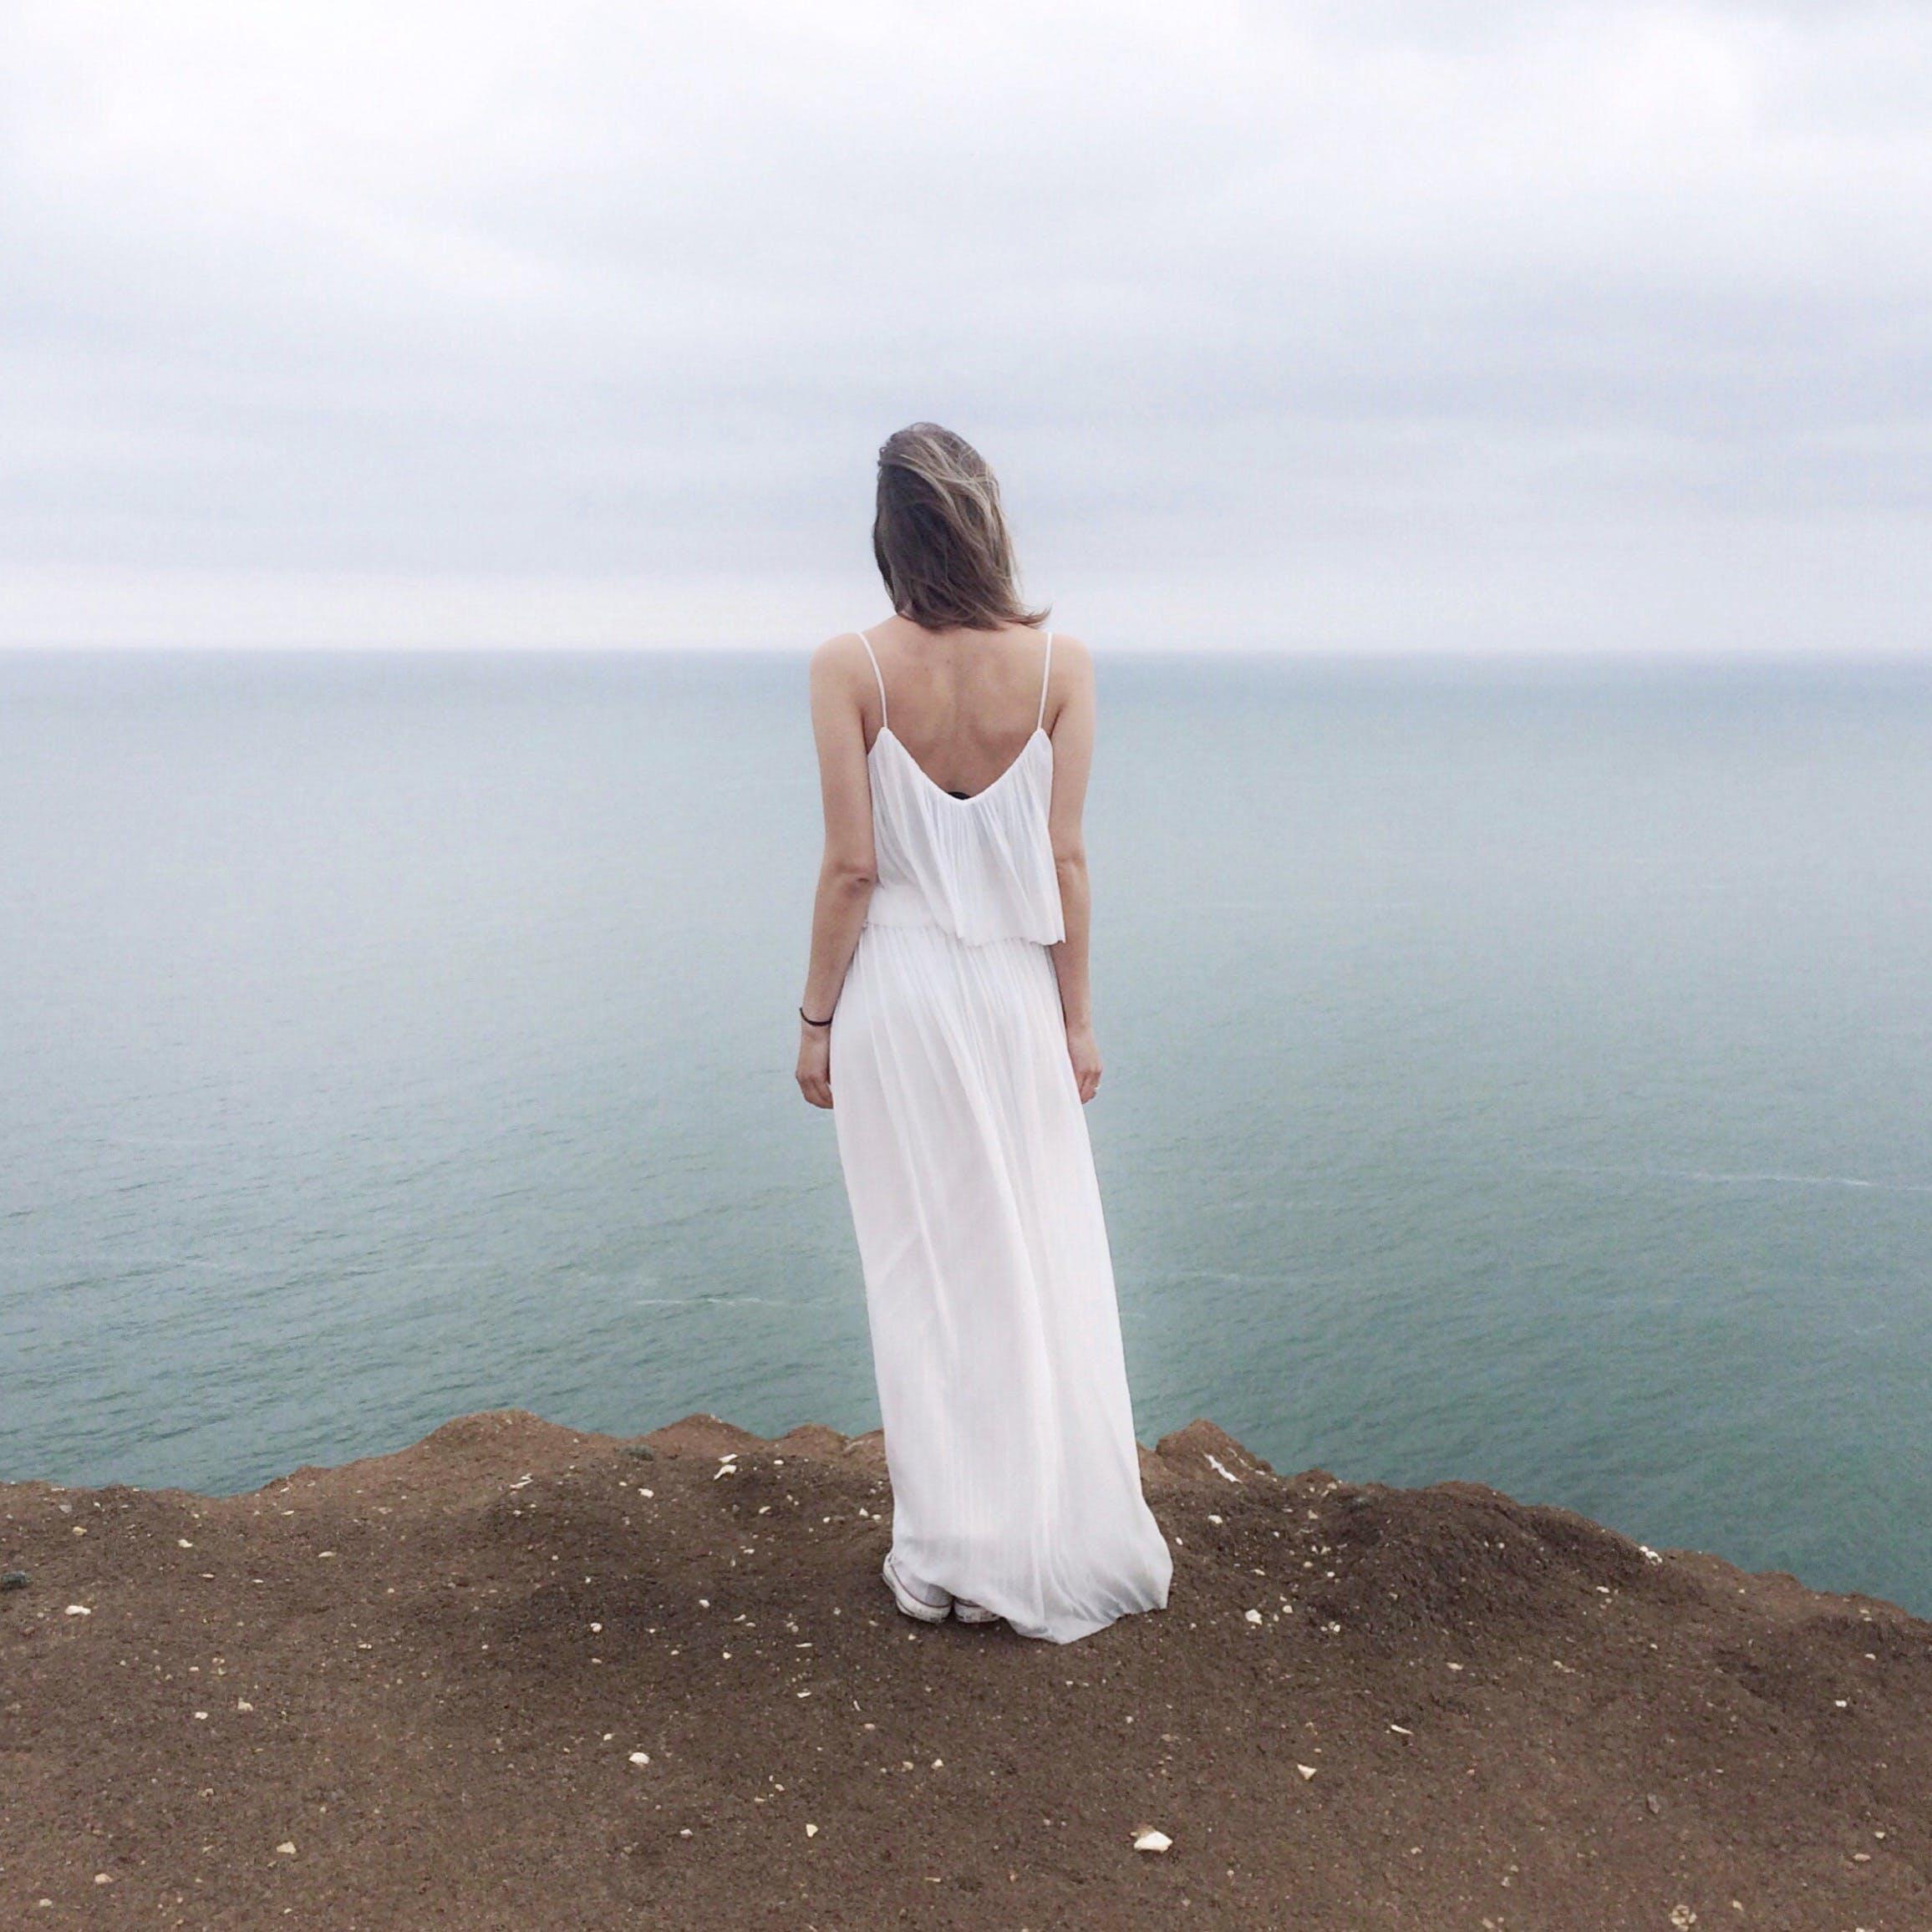 Immagine gratuita di abito, acqua, donna, litorale